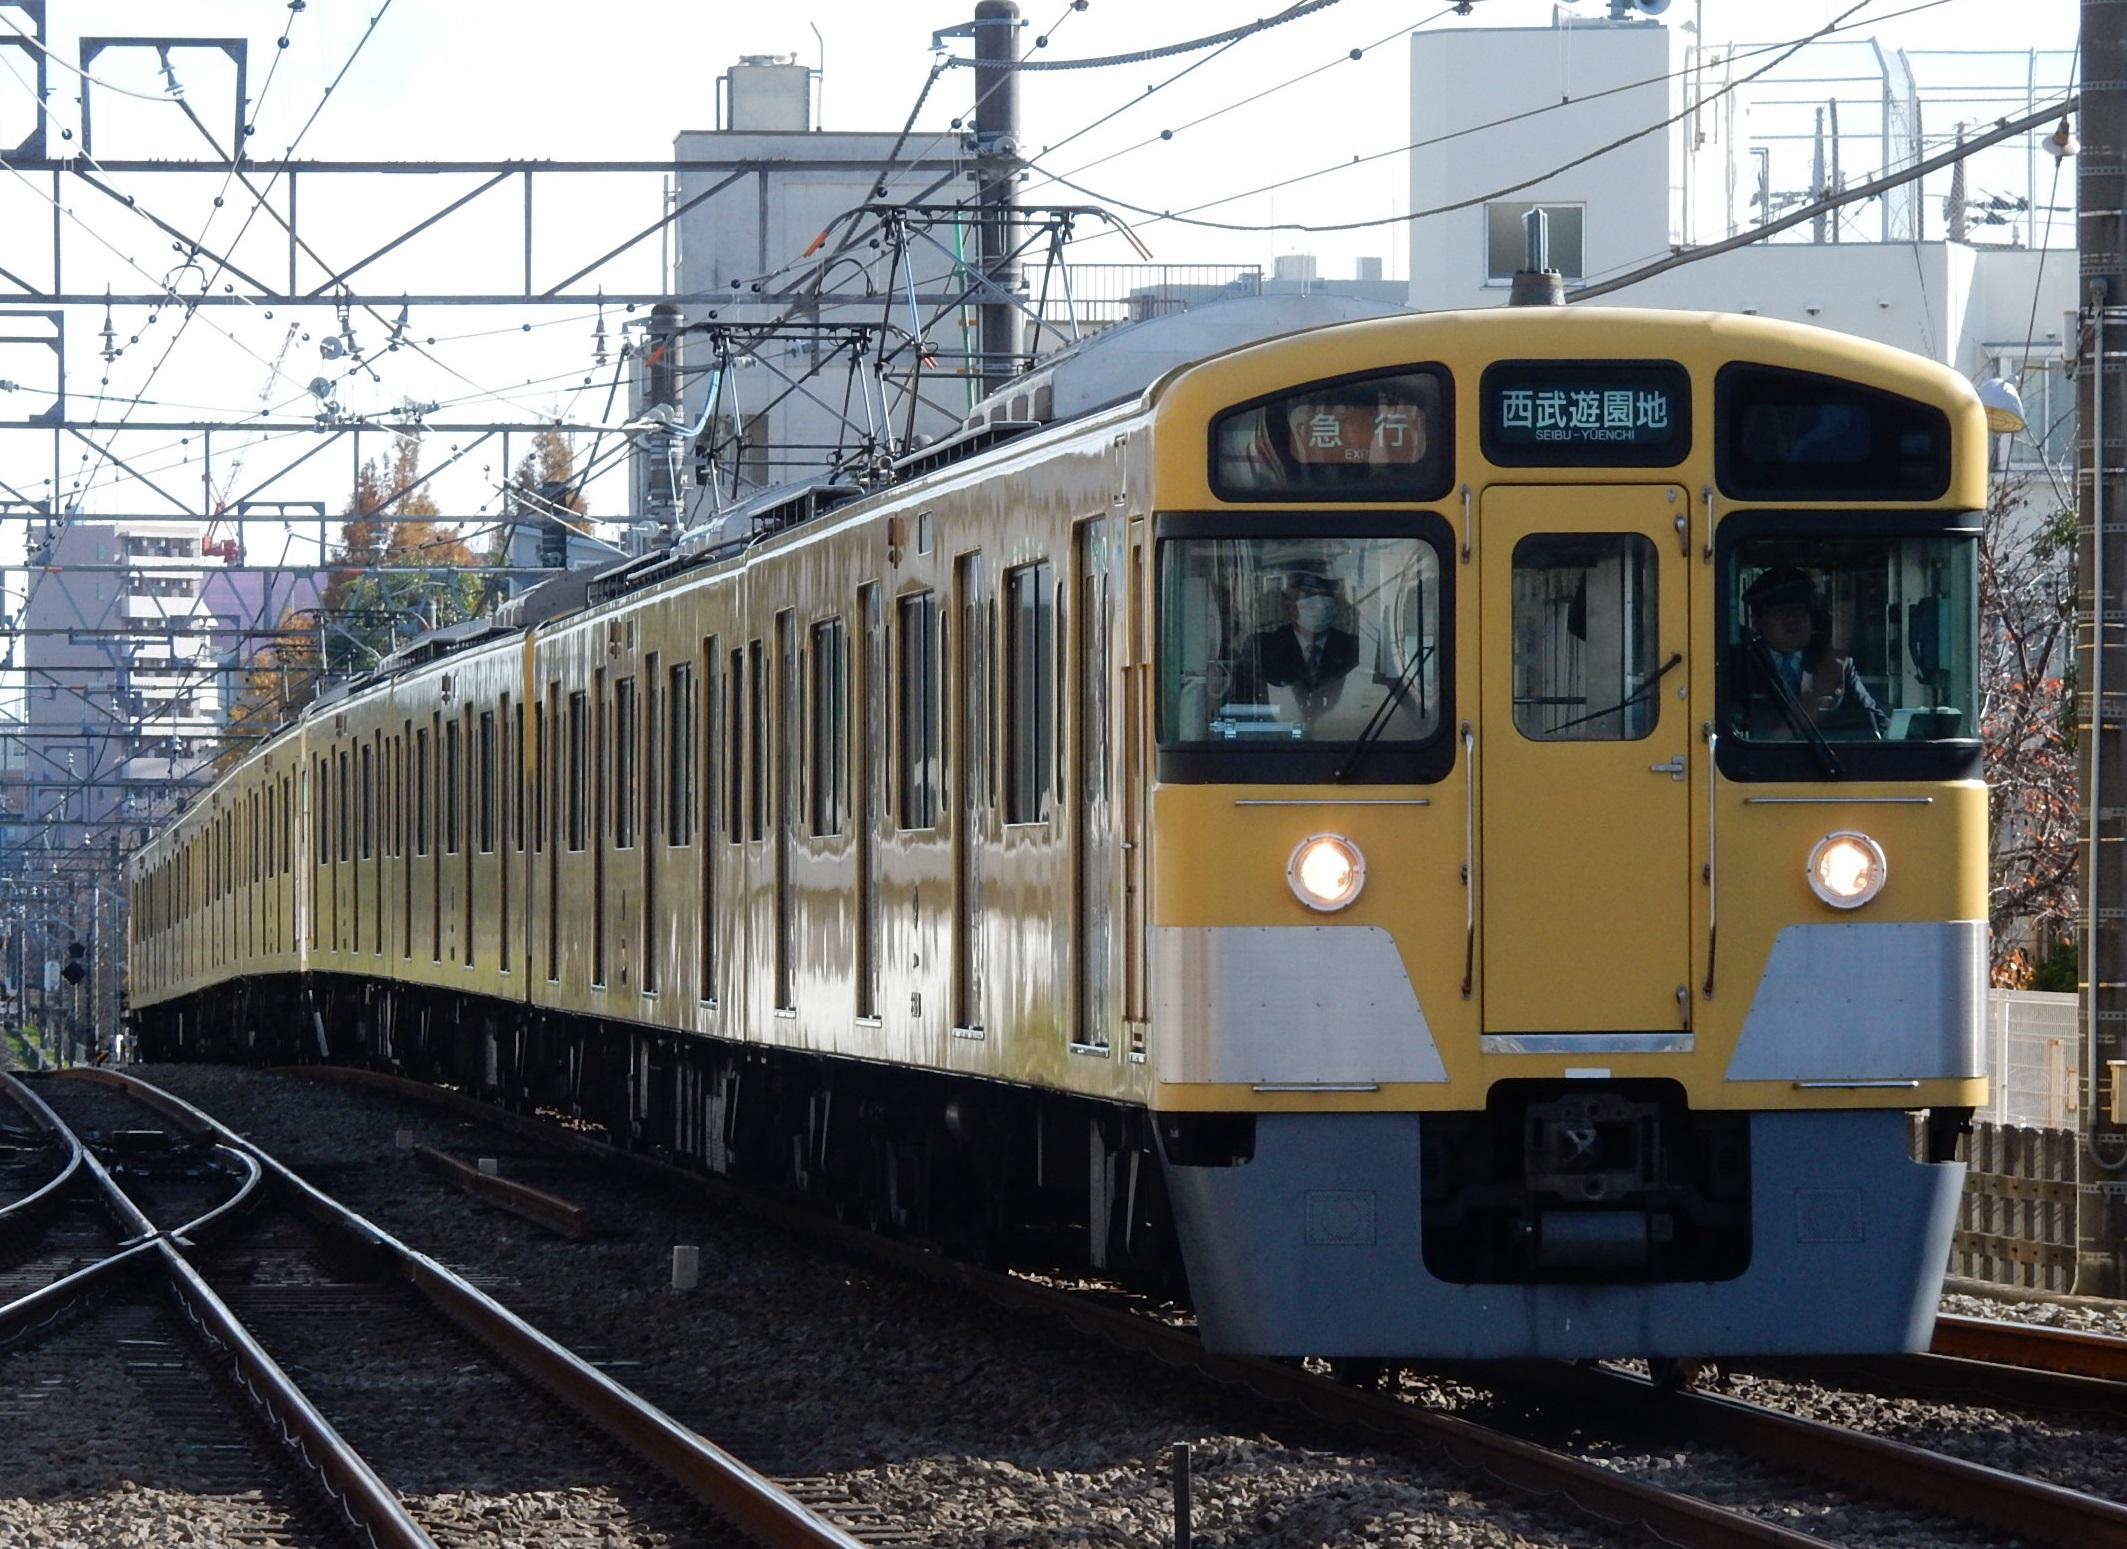 DSCN8785.jpg